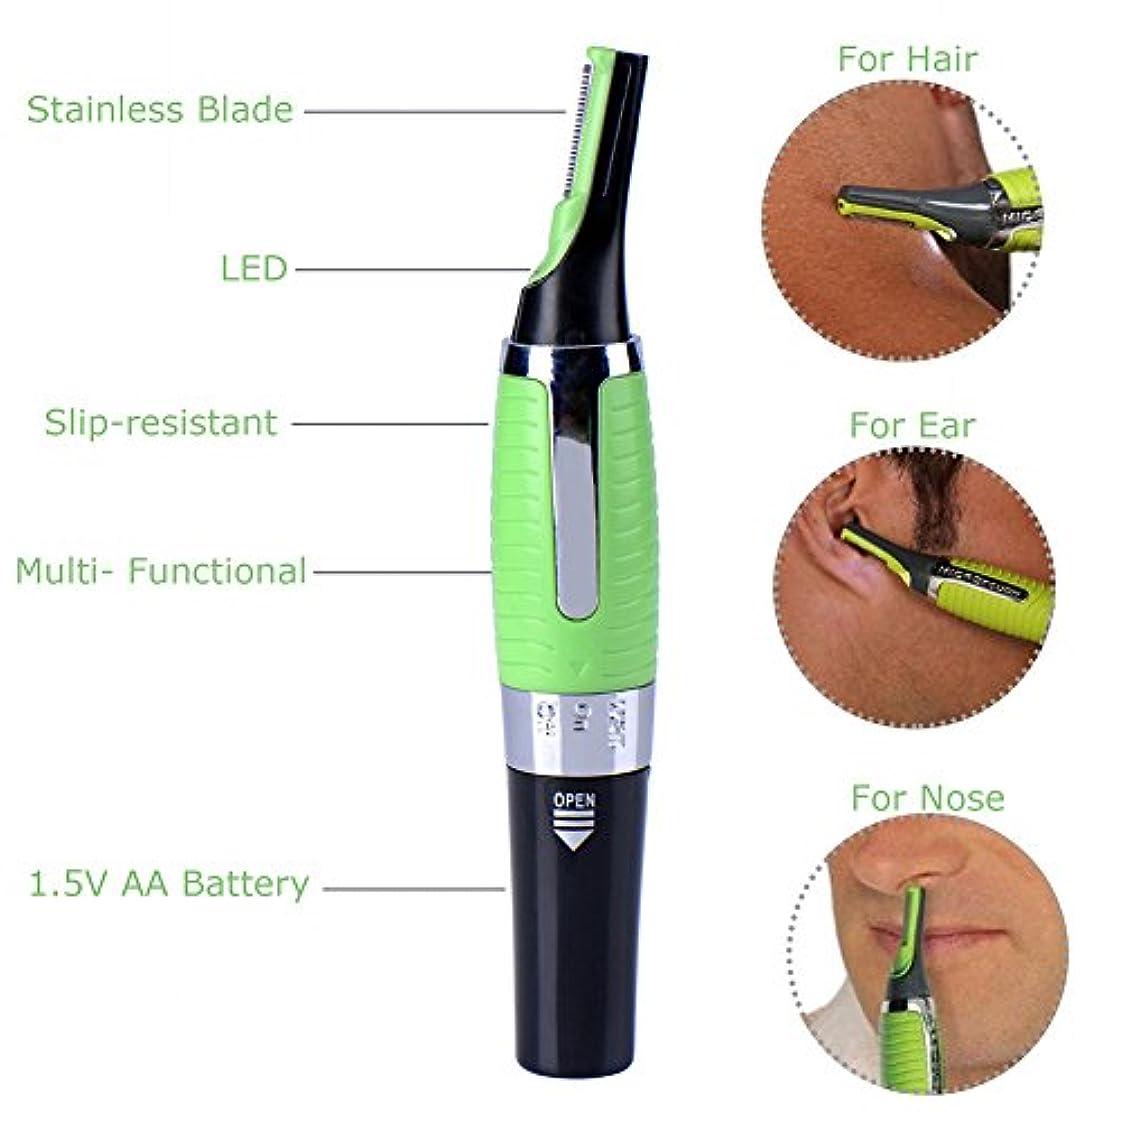 ランドマーク認知ランドマーク1 PC nose hair trimmer ear beard clipper shaver mens electric t removal machine face Cleaning hair cutter tools...